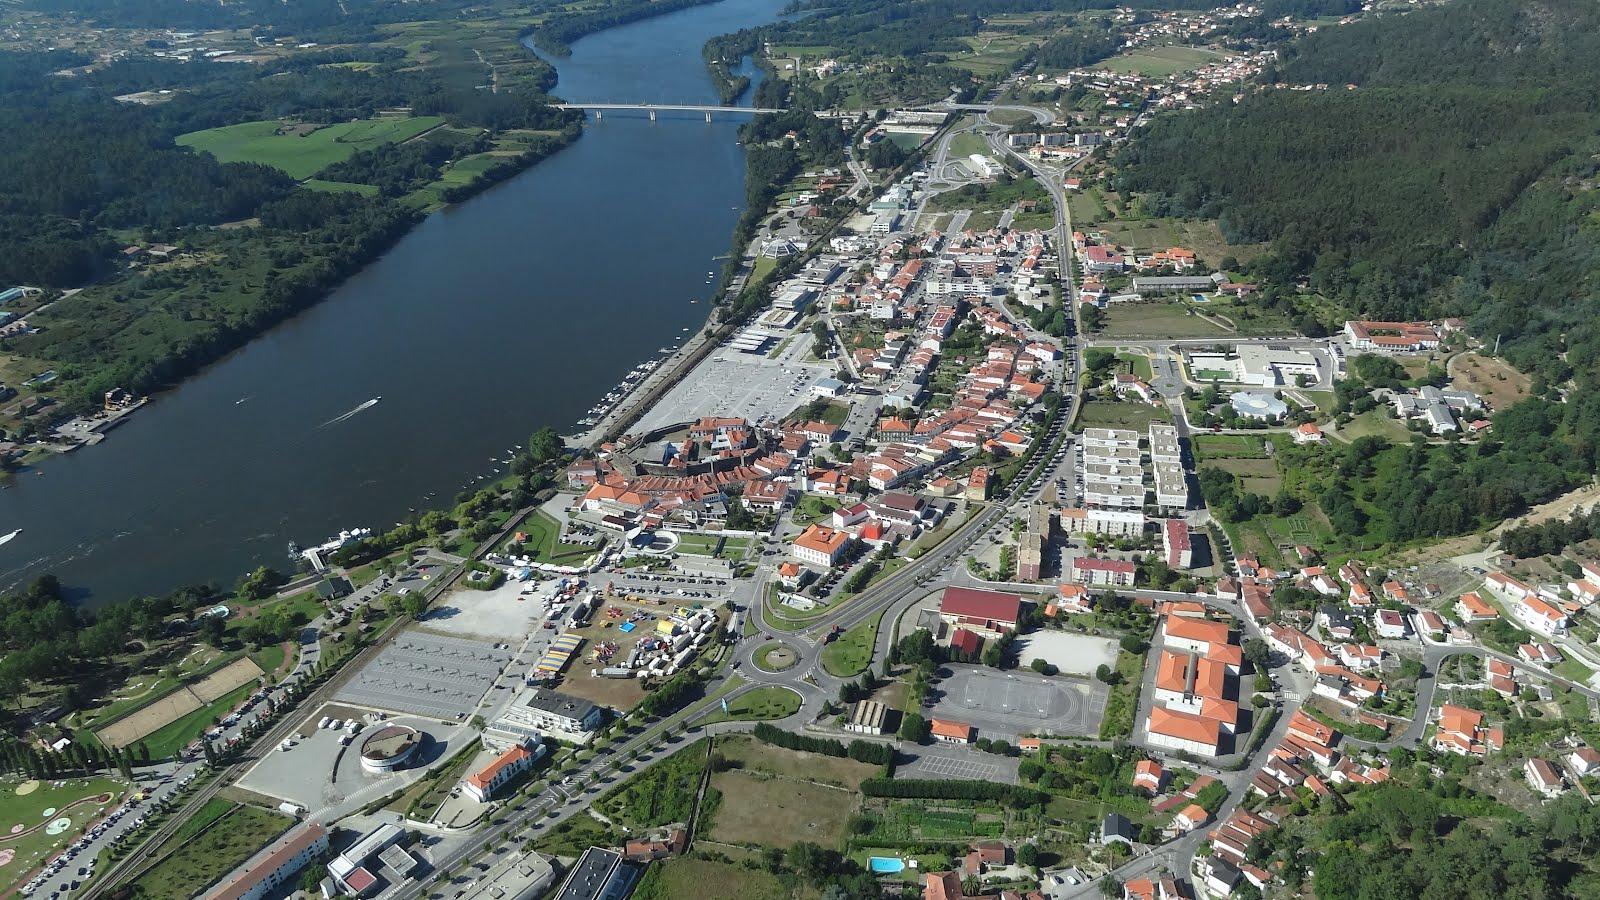 Vila Nova de Cerveira Portugal  City pictures : Terceira Dimensão Fotografia Aérea: Vila Nova de Cerveira